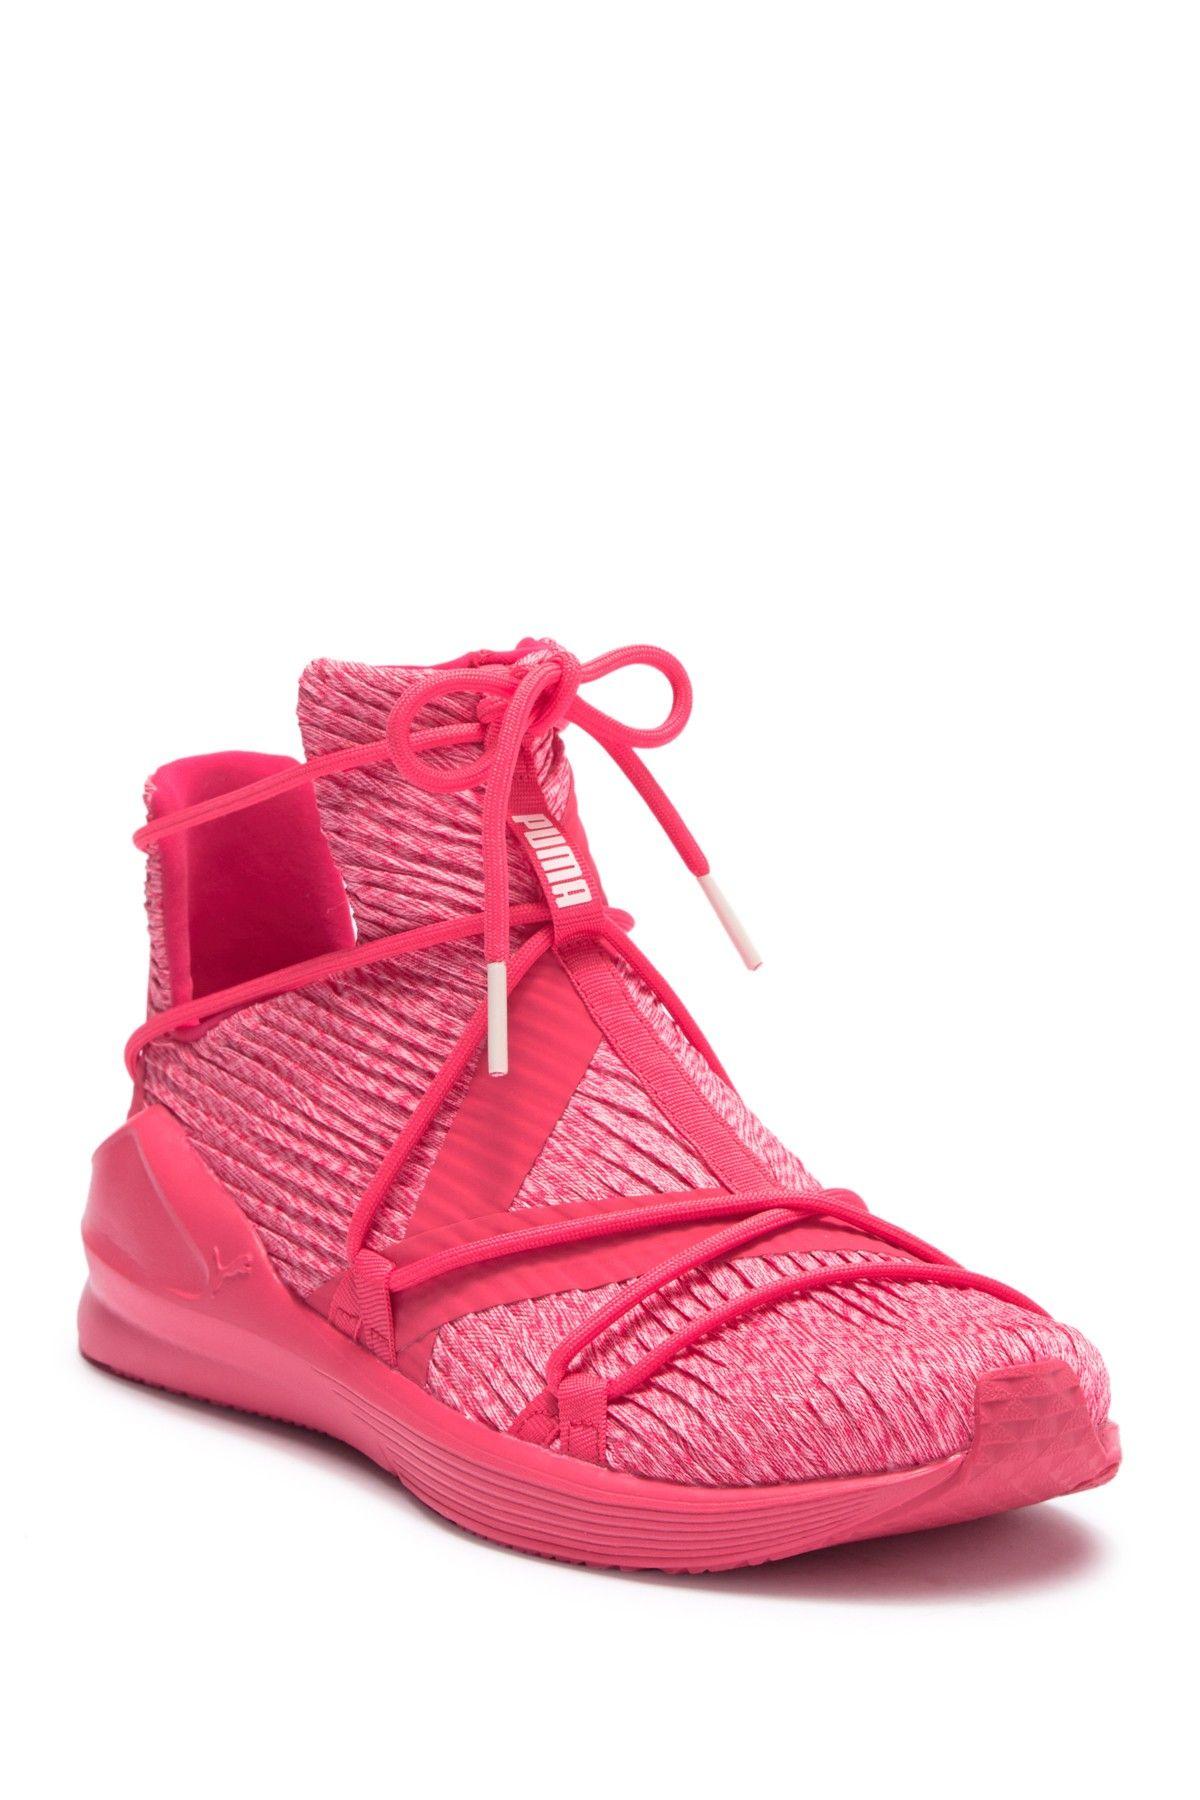 9156b64f6c PUMA | Fierce Rope Pleats Sneaker in 2019 | Women Sneakers | Puma ...